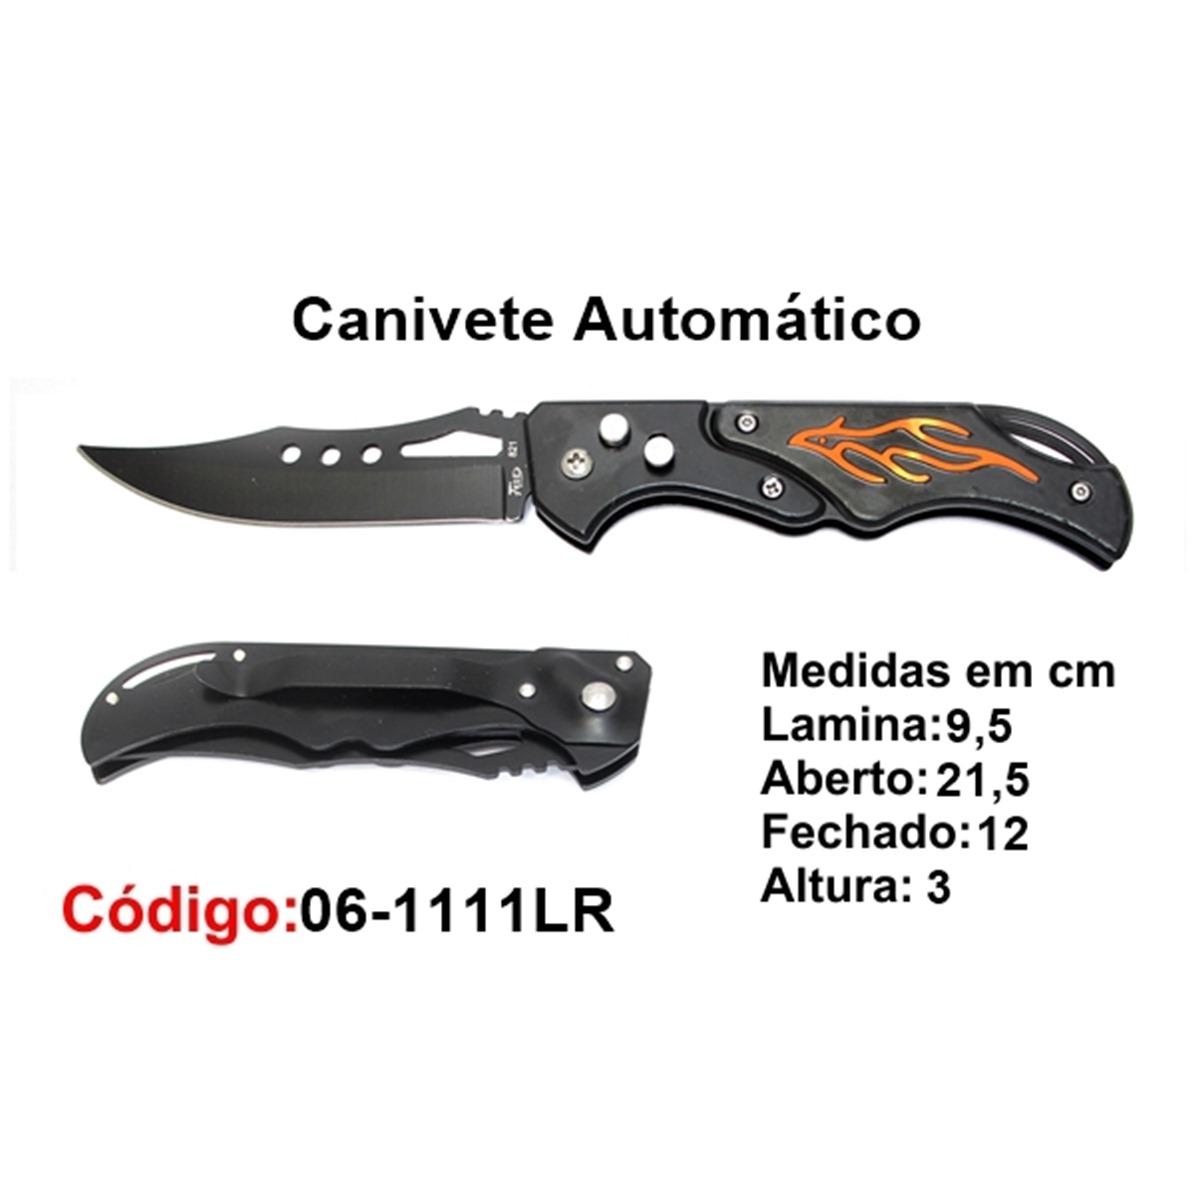 Canivete Esportivo Automático Caça Pesca Etc. 06-1111LR